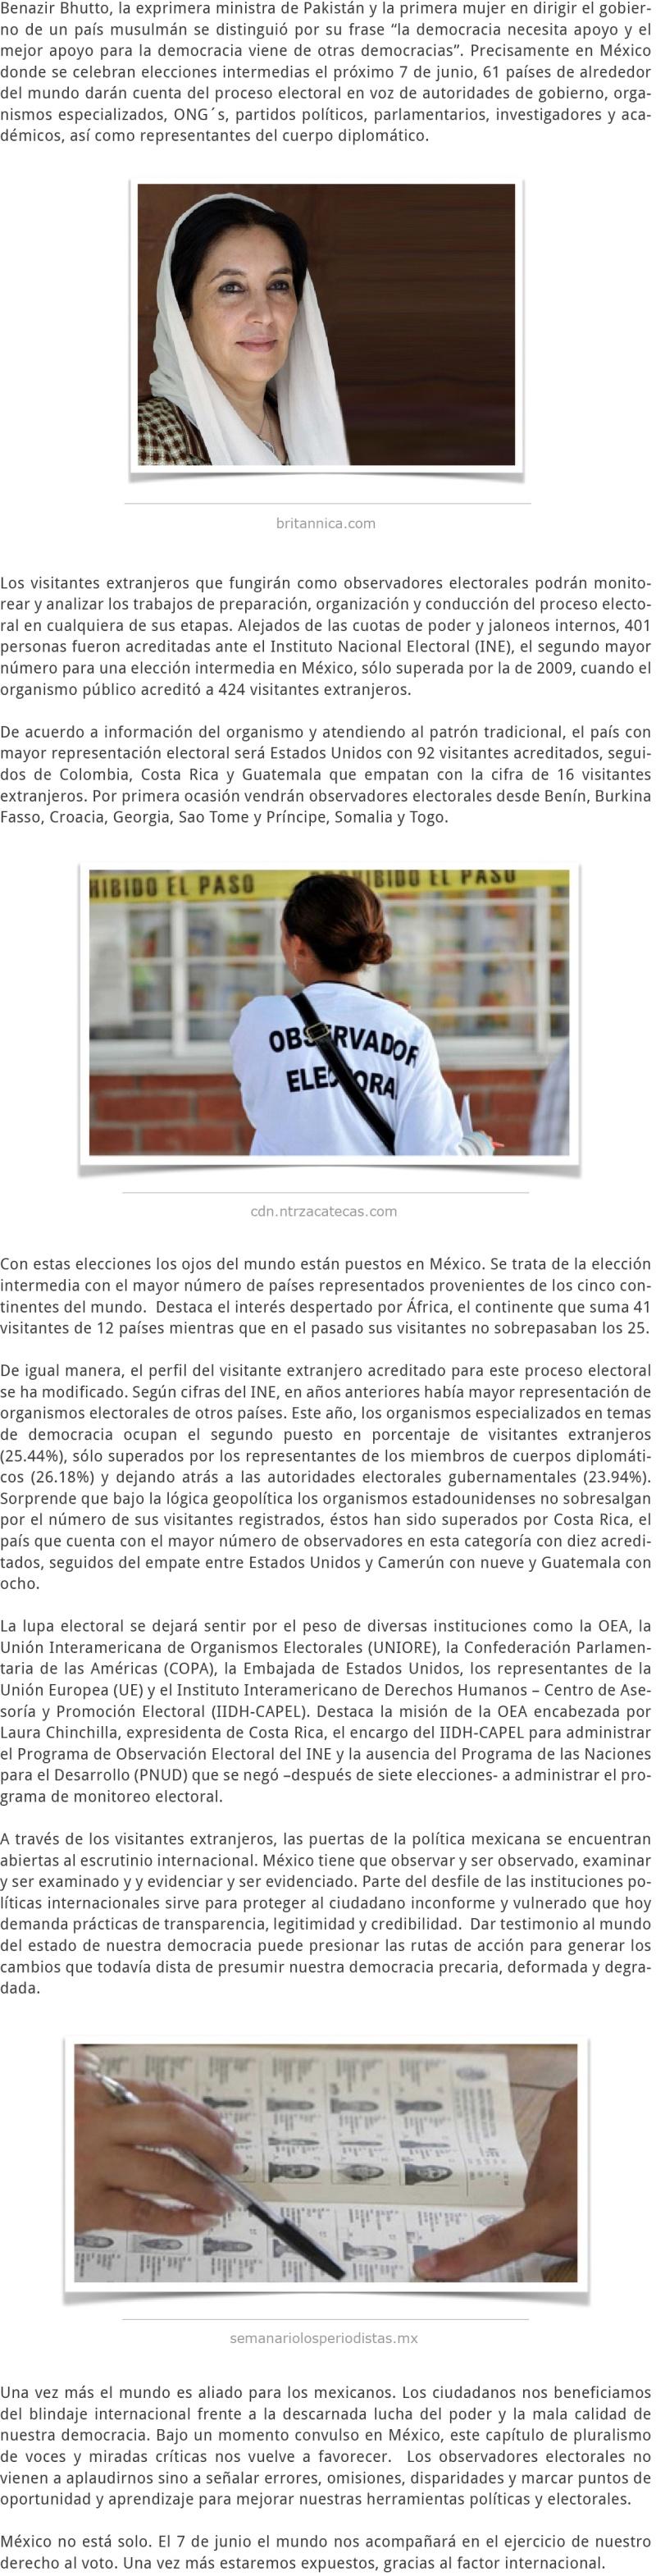 #ELECCIONES2015 EL BLINDAJE INTERNACIONAL